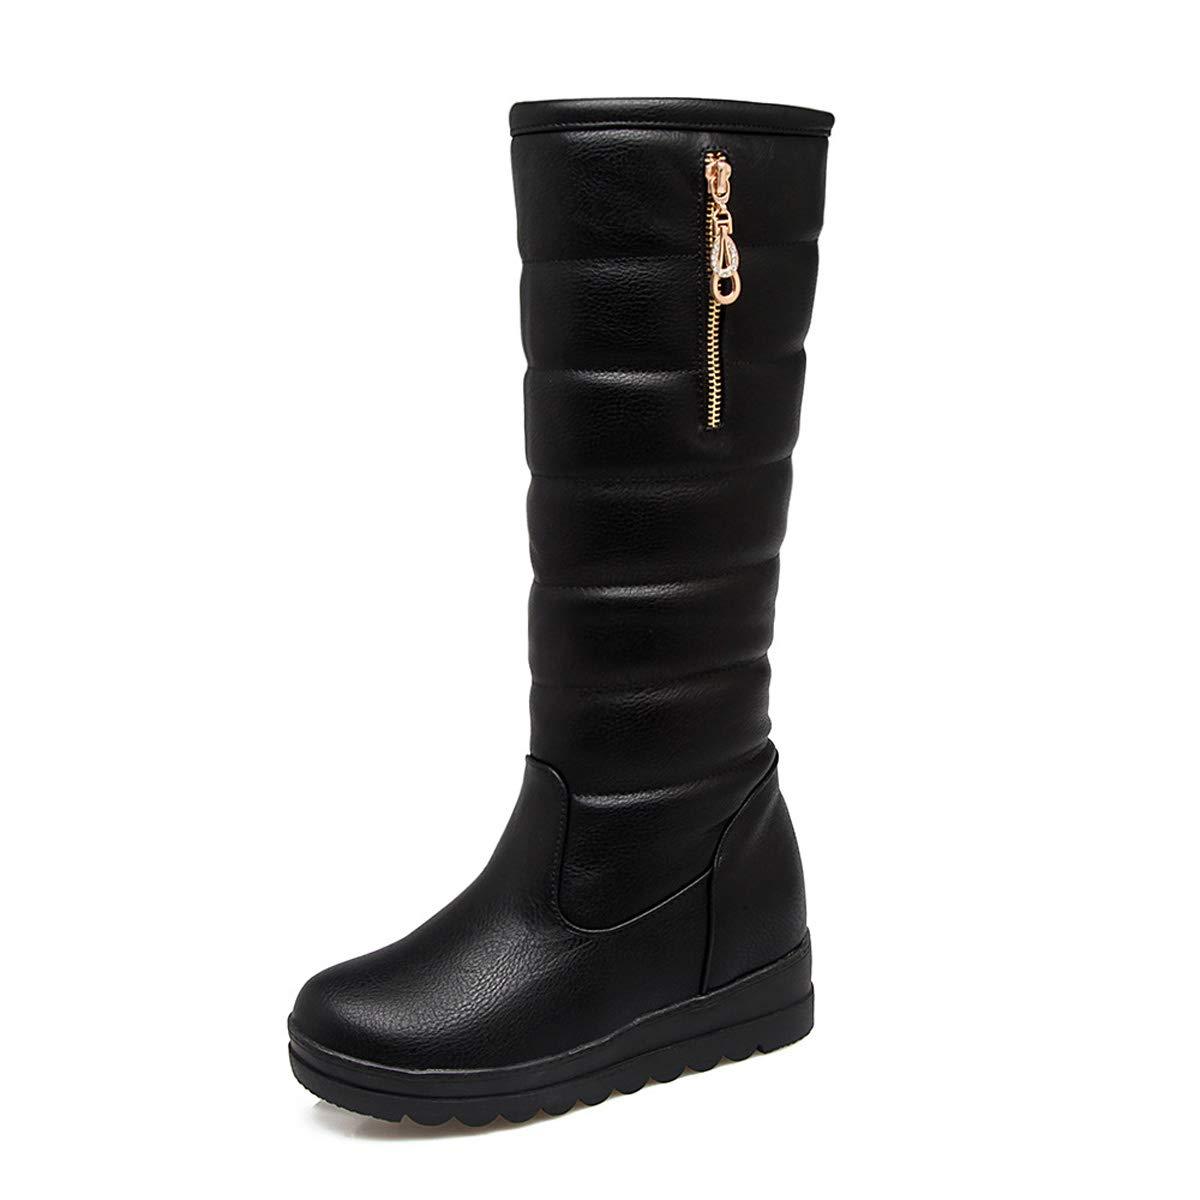 C 37EU DANDANJIE Femmes Les Les dames Bottes de Neige Wedge Talon Mollet Bottes Hiver Chaud sans GlisseHommest Chaussures Bottes,A,30EU